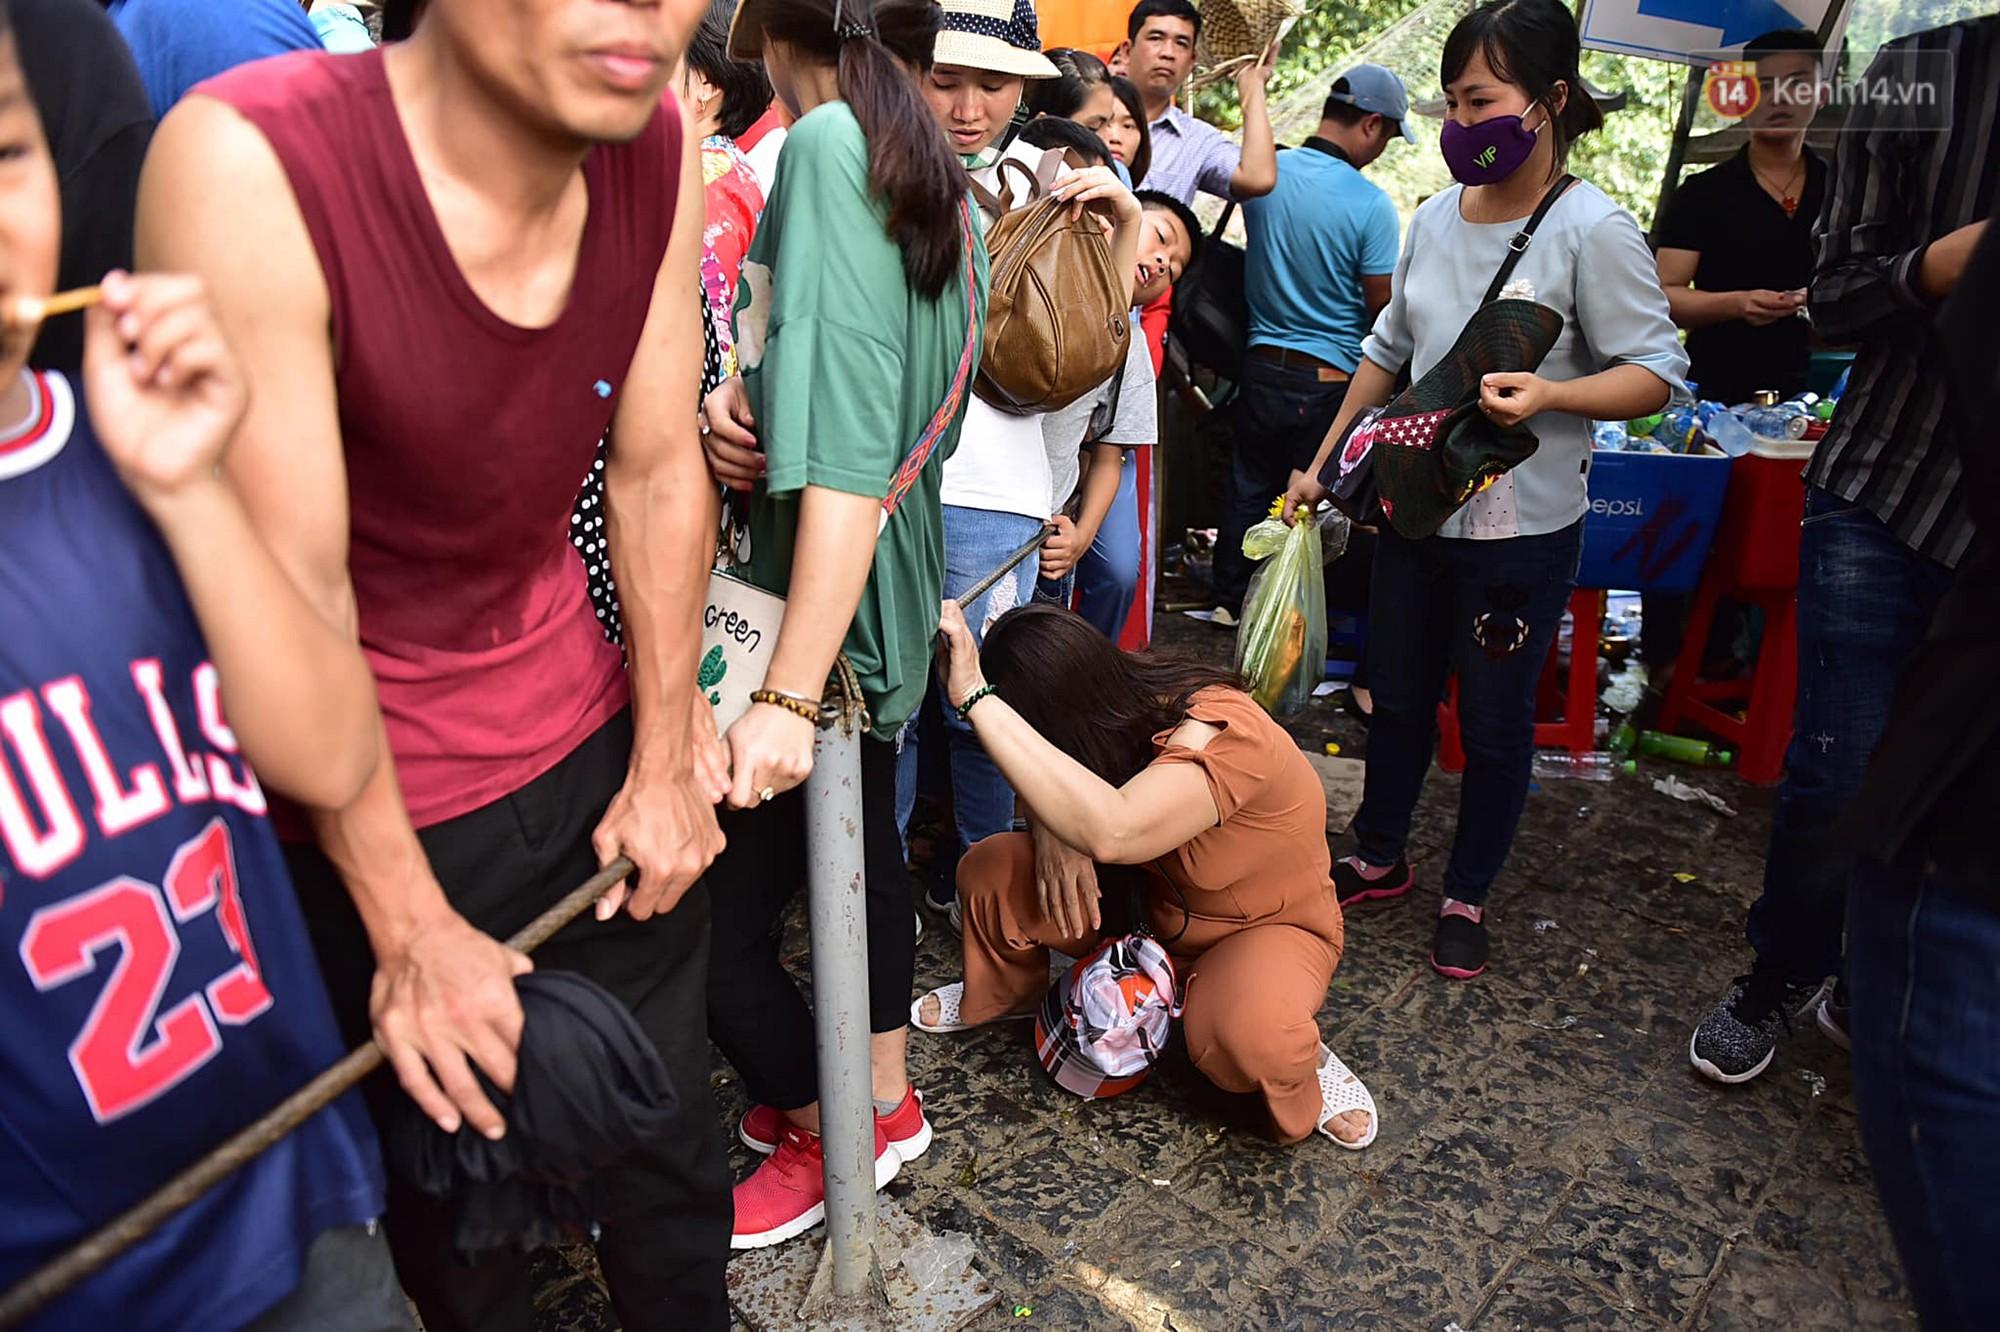 Gần 5 vạn người đổ về chùa Hương trong ngày mồng 5 Tết, 1 ngày trước khi khai hội - Ảnh 10.